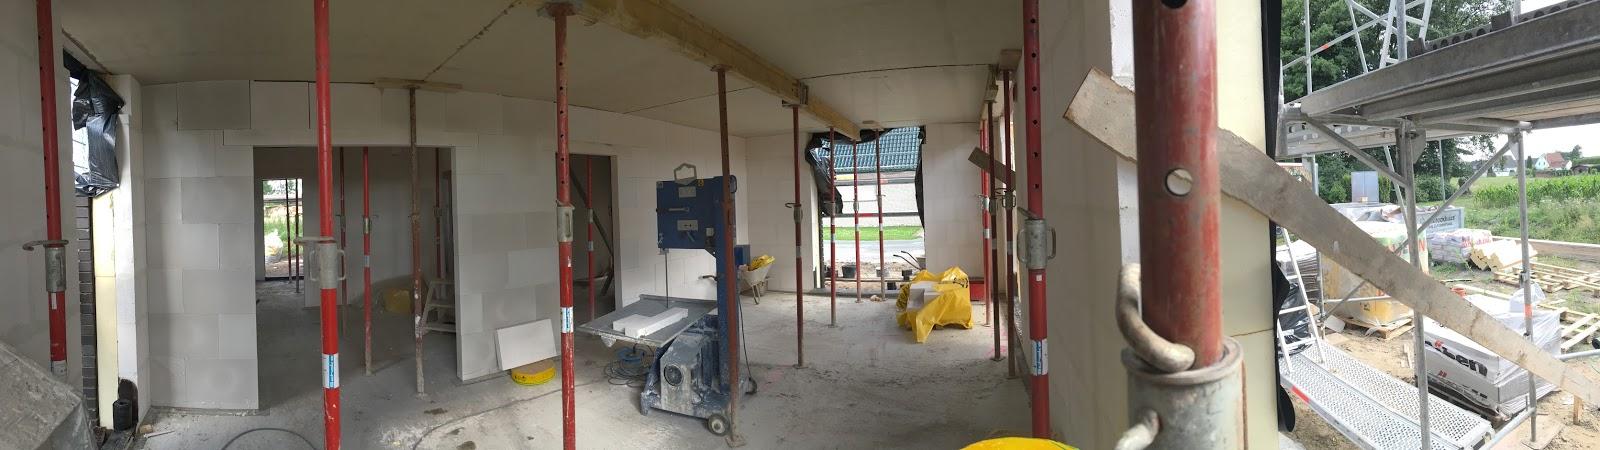 wir bauen ein viebrockhaus maurerarbeiten tag 3 erdgeschossdecke. Black Bedroom Furniture Sets. Home Design Ideas